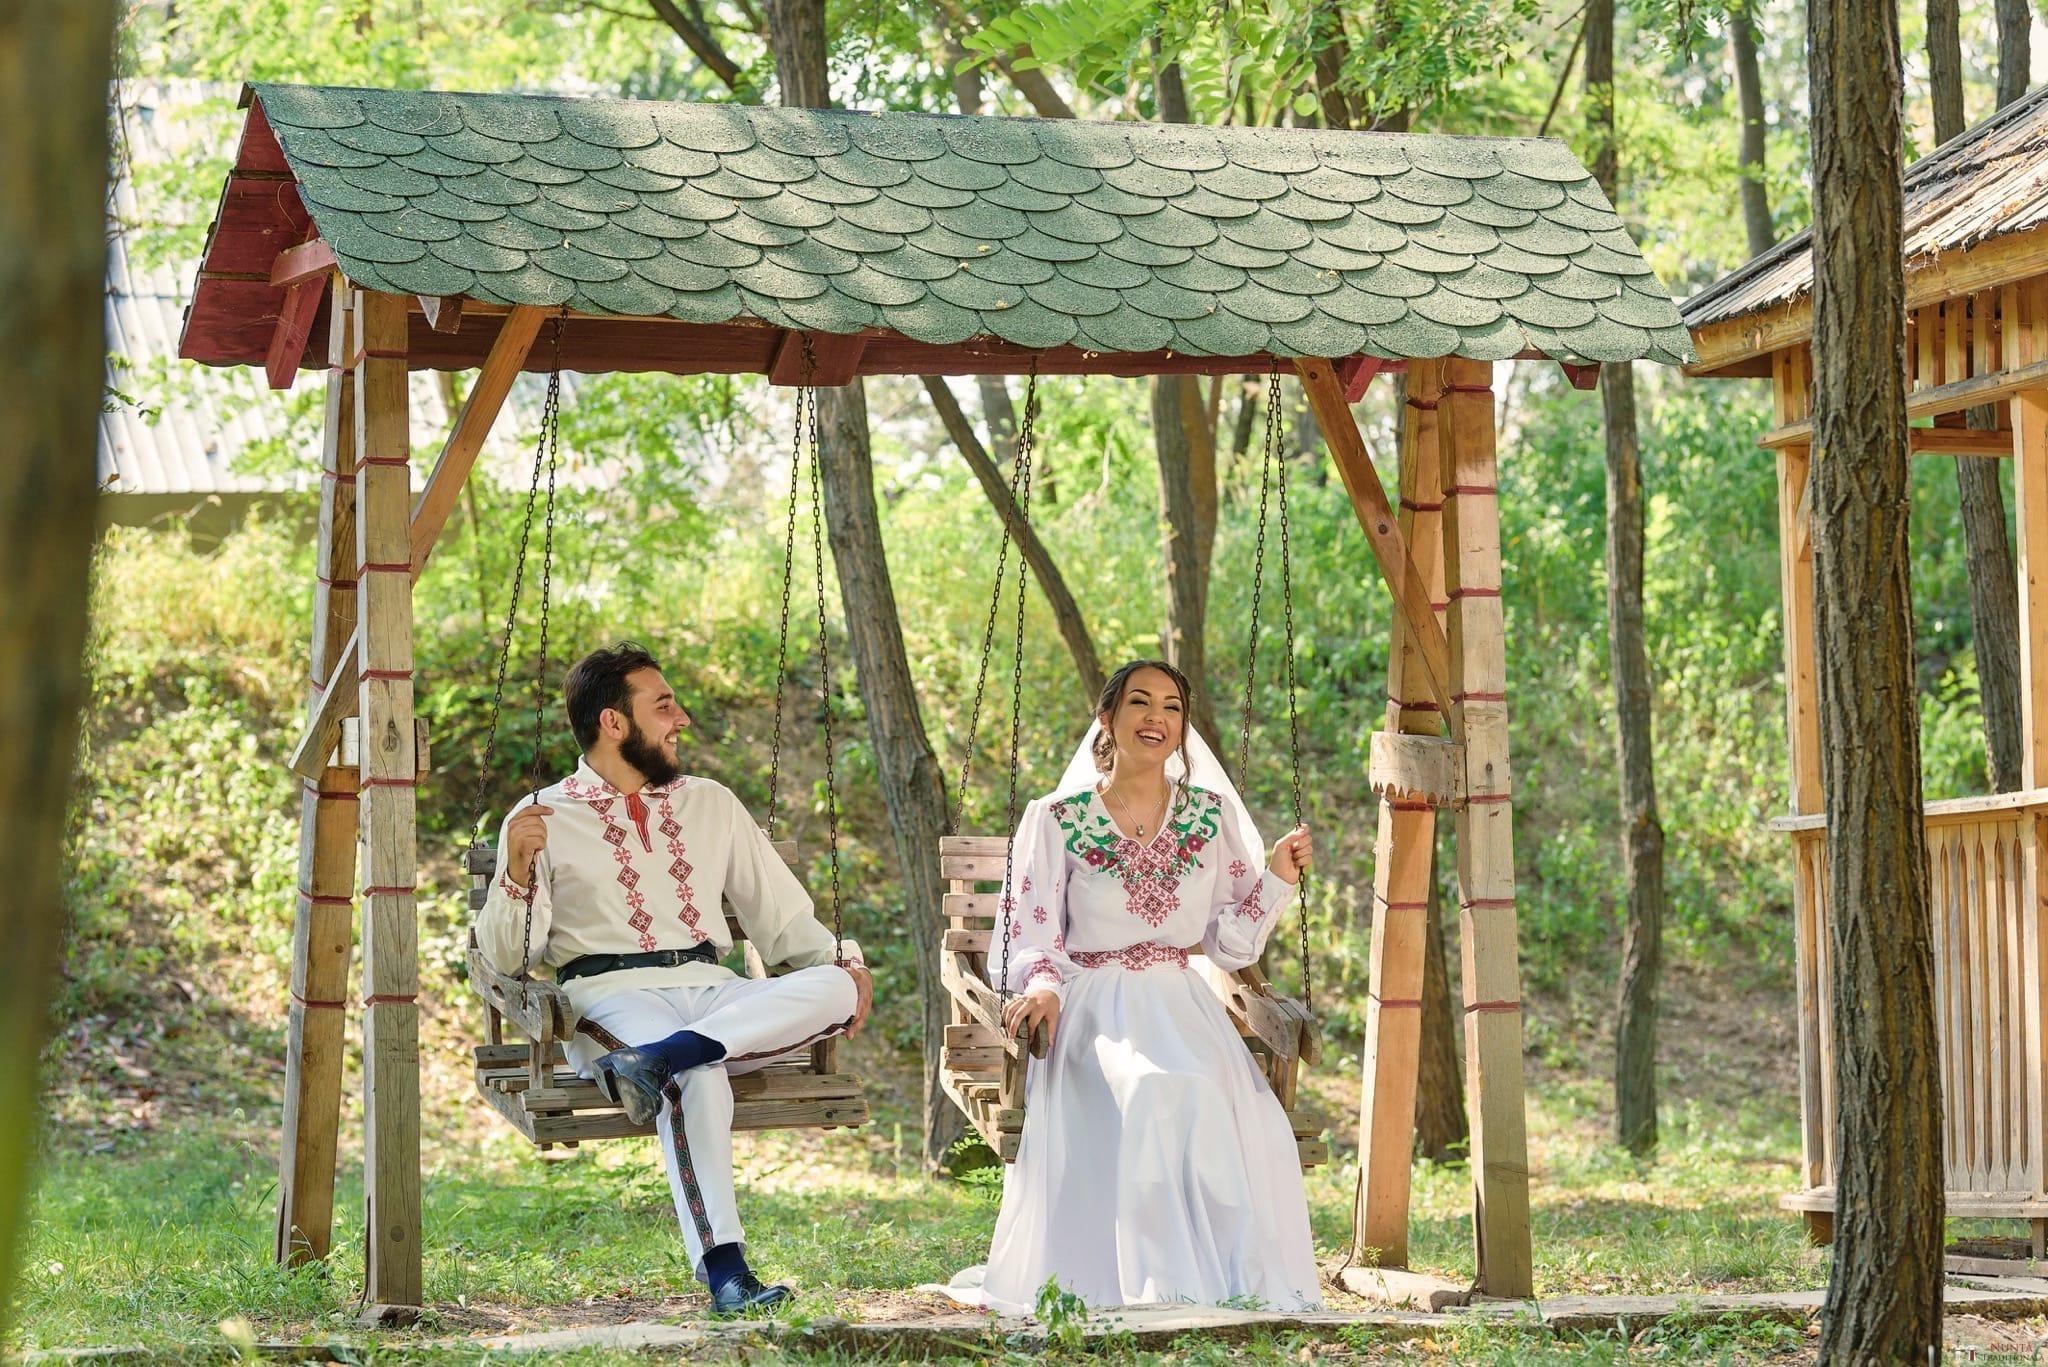 Povești Nunți Tradiționale - Daniela și Cristian, nuntă tradițională în Slobozia, Giurgiu 6